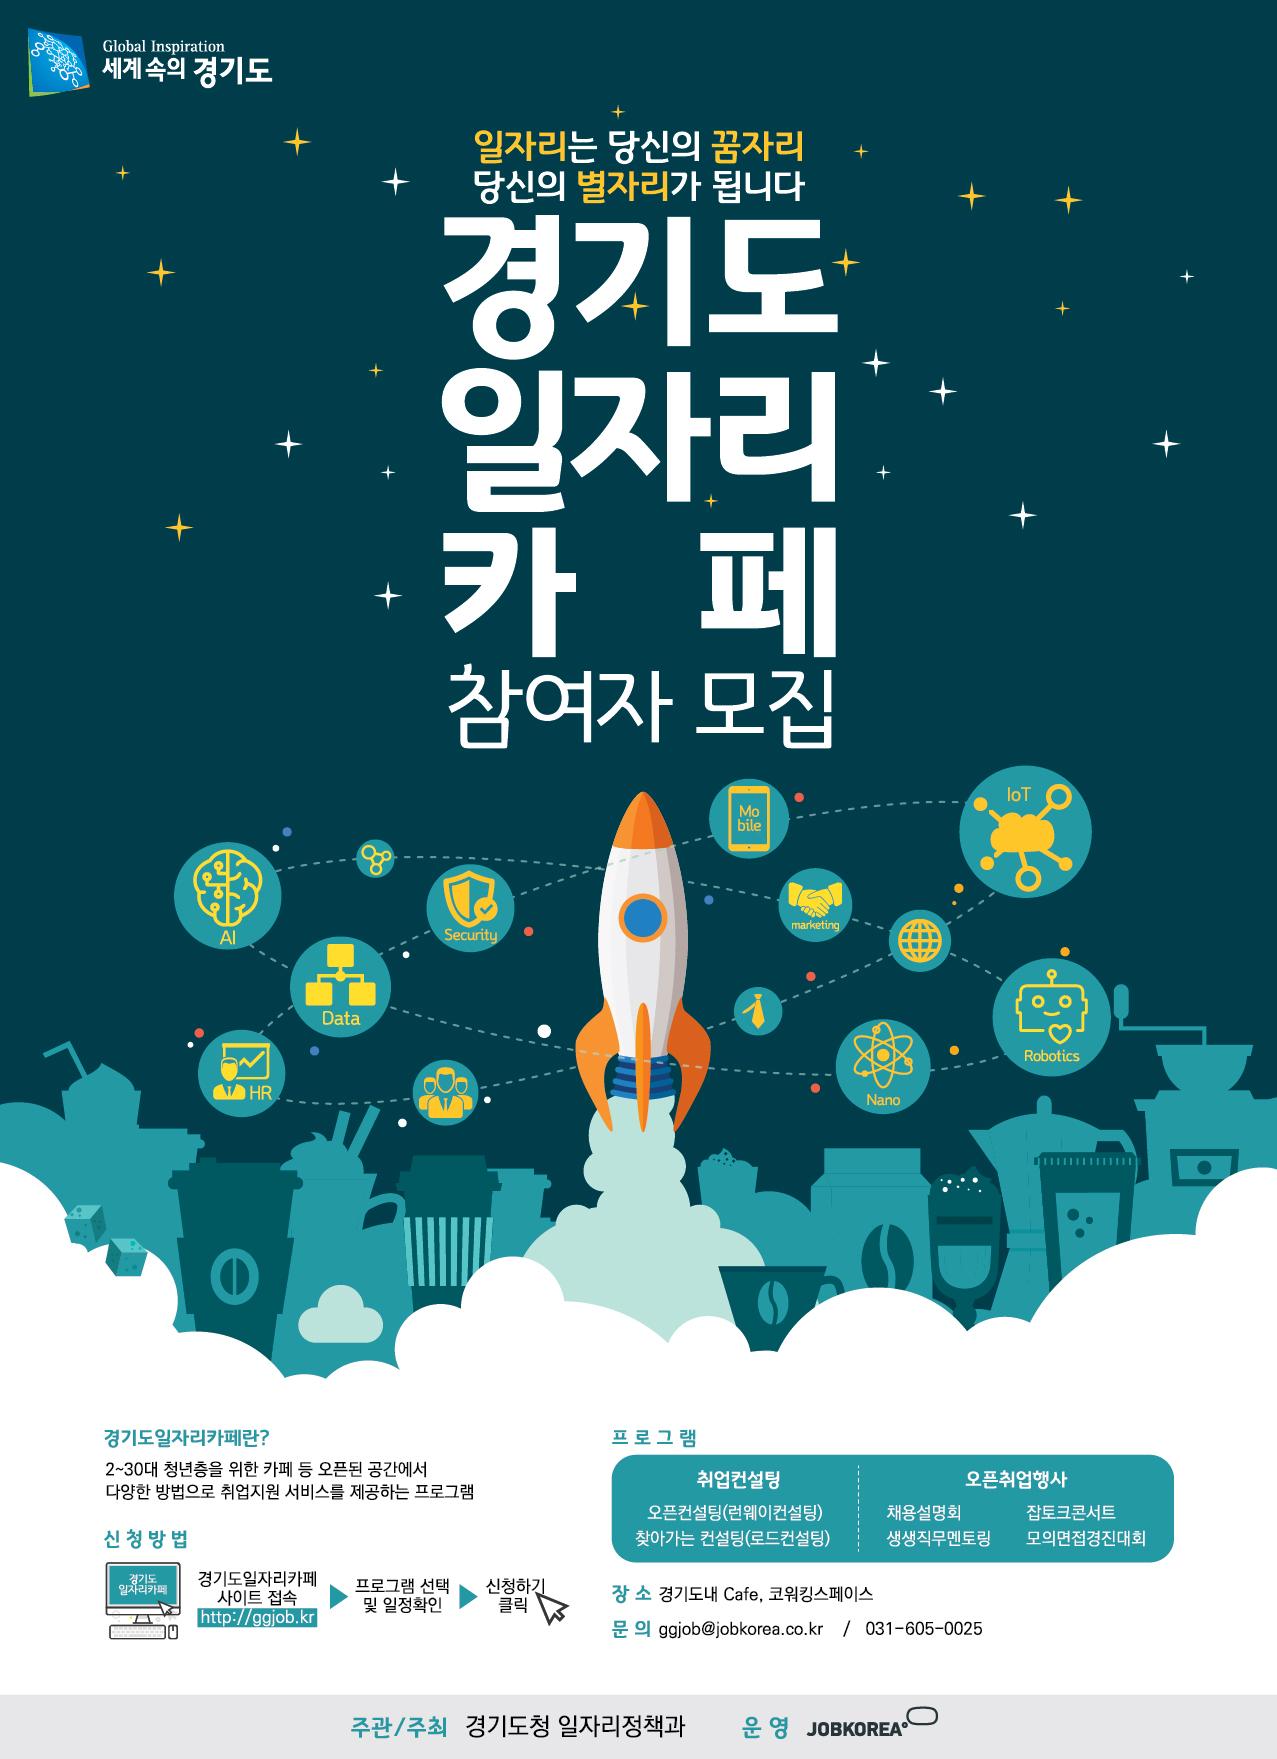 2017 경기도일자리카페